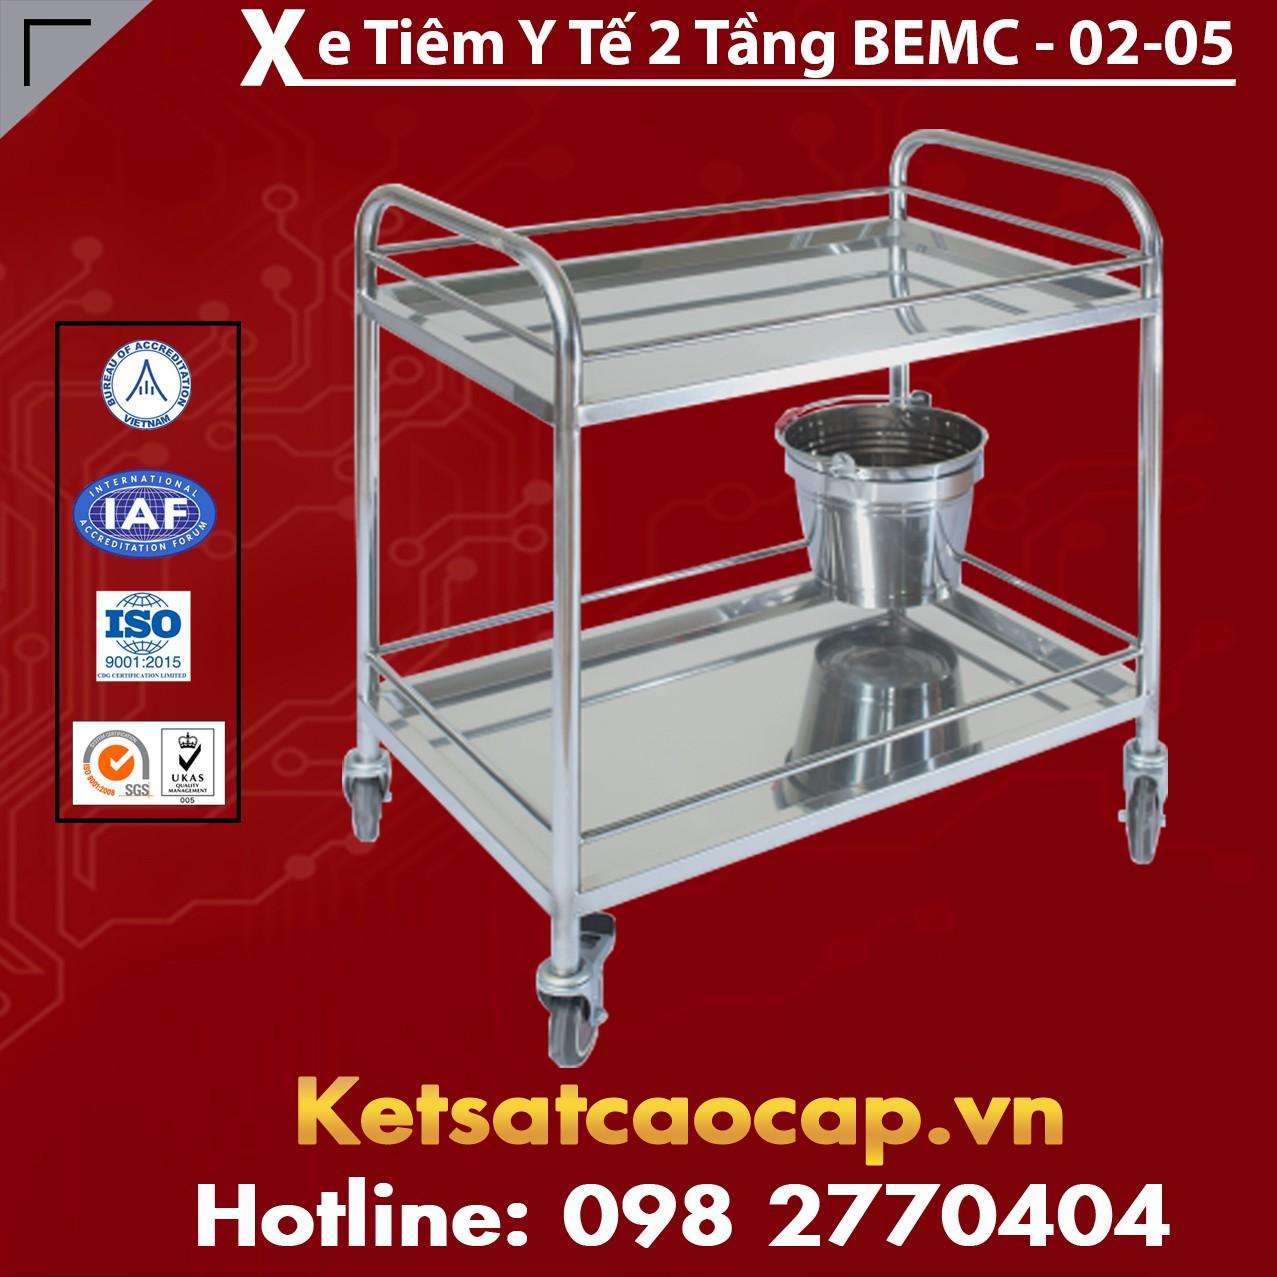 Xe Tiêm Y Tế 2 Tầng BEMC-02-05